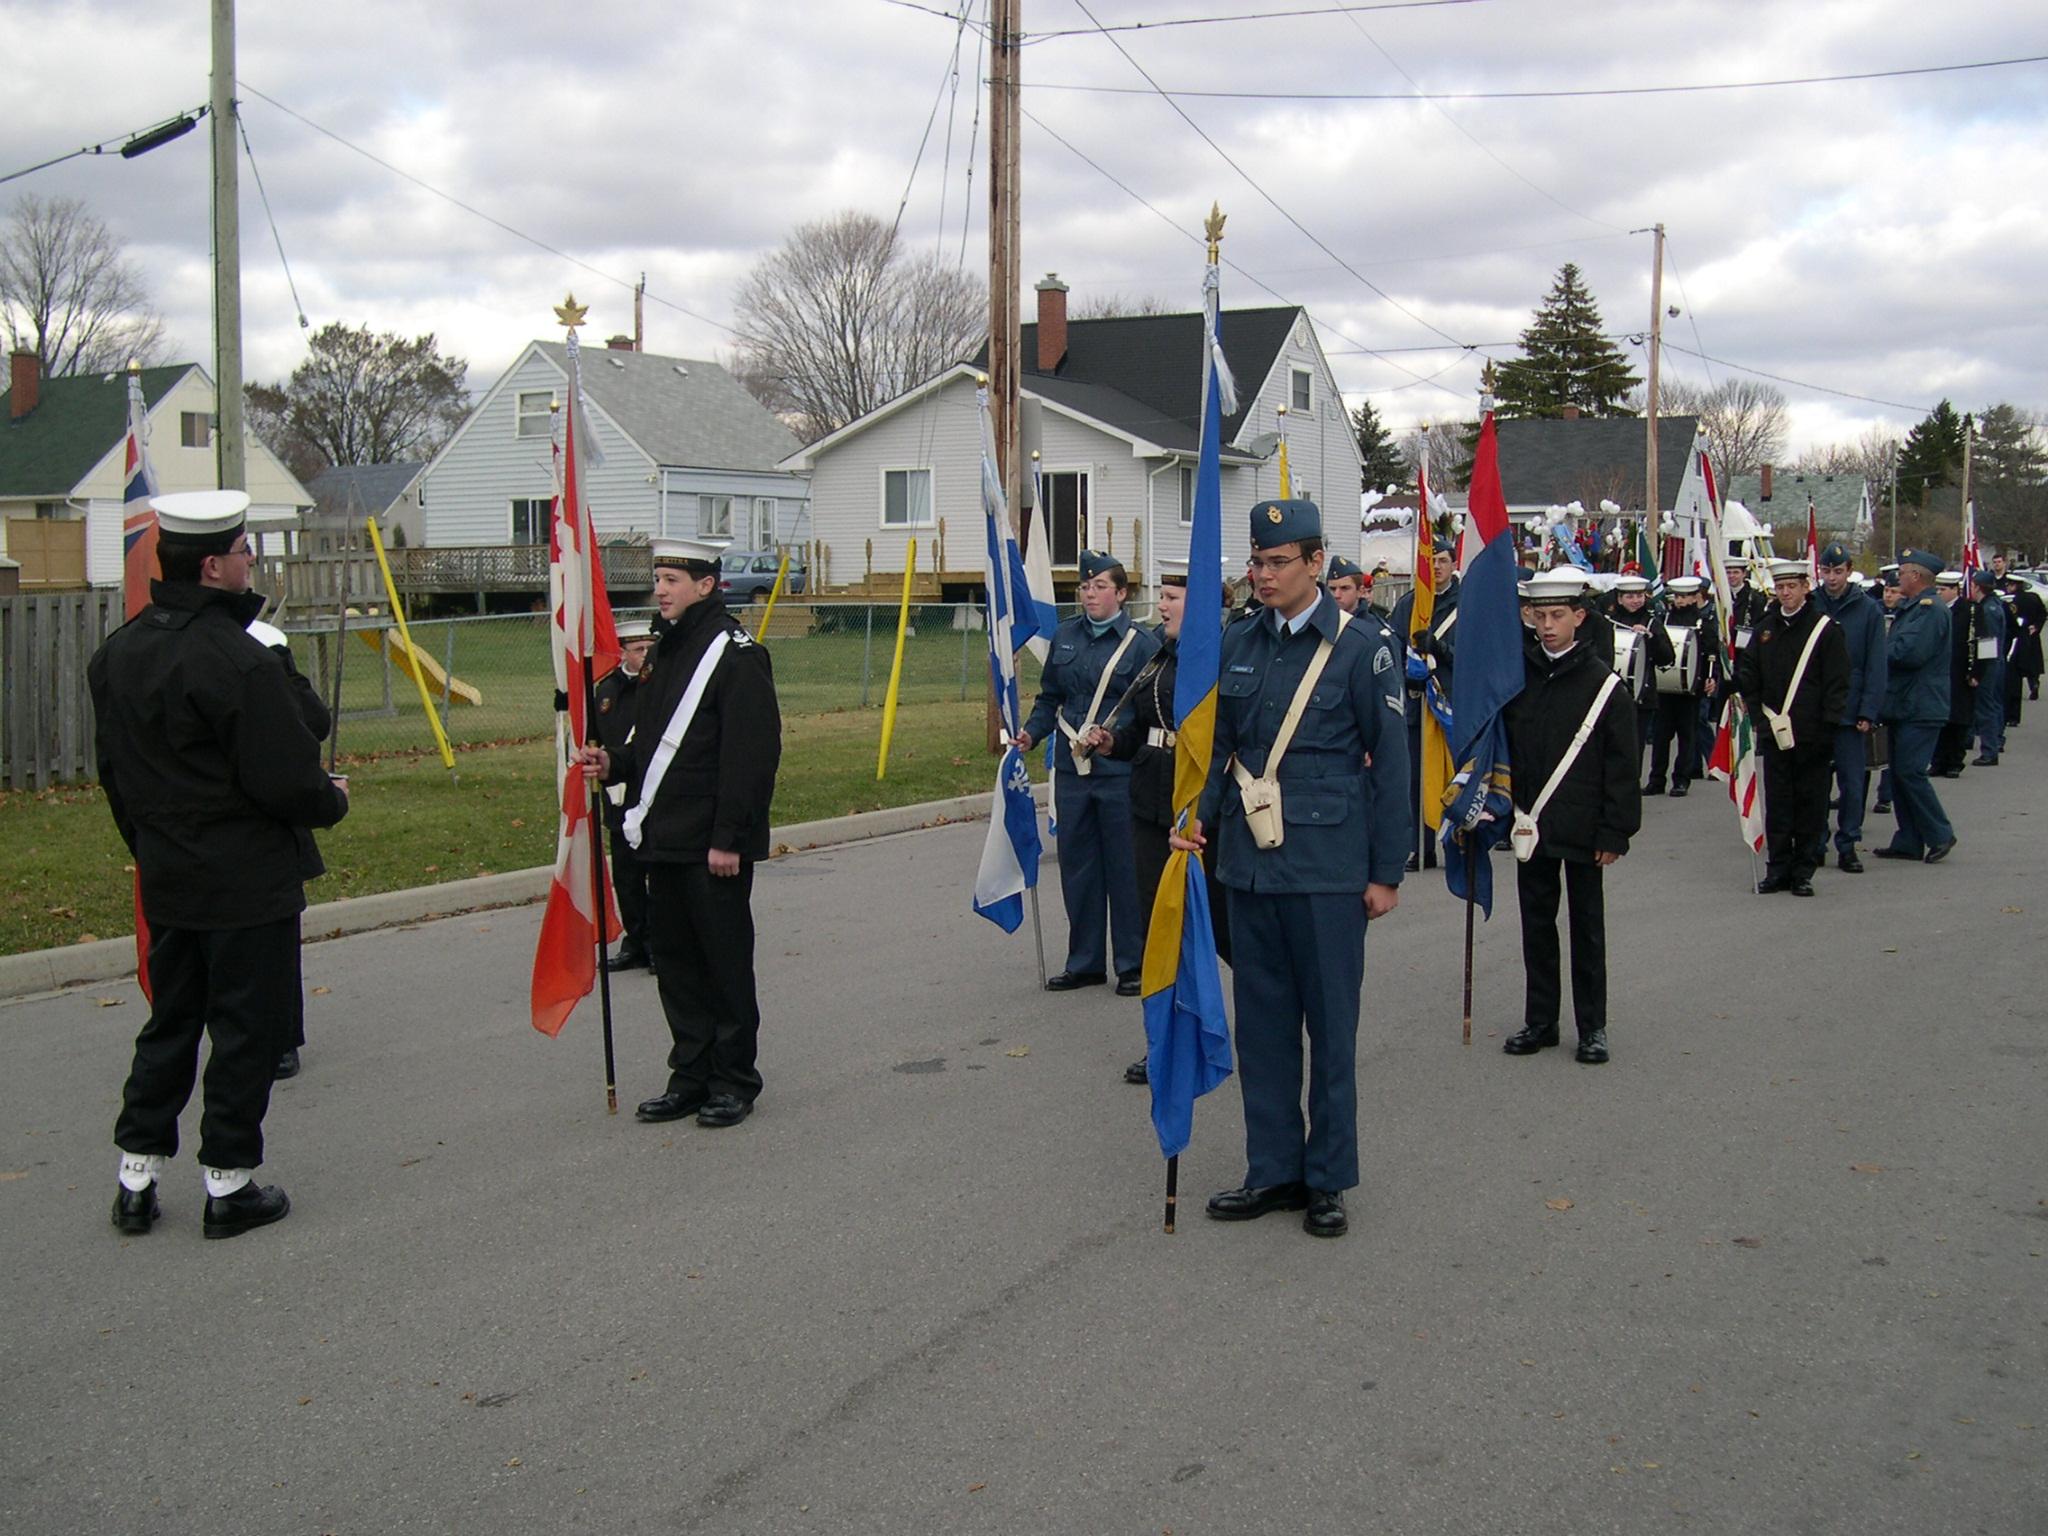 04-11-21 Cobourg Santa Claus Parade, Photo 02